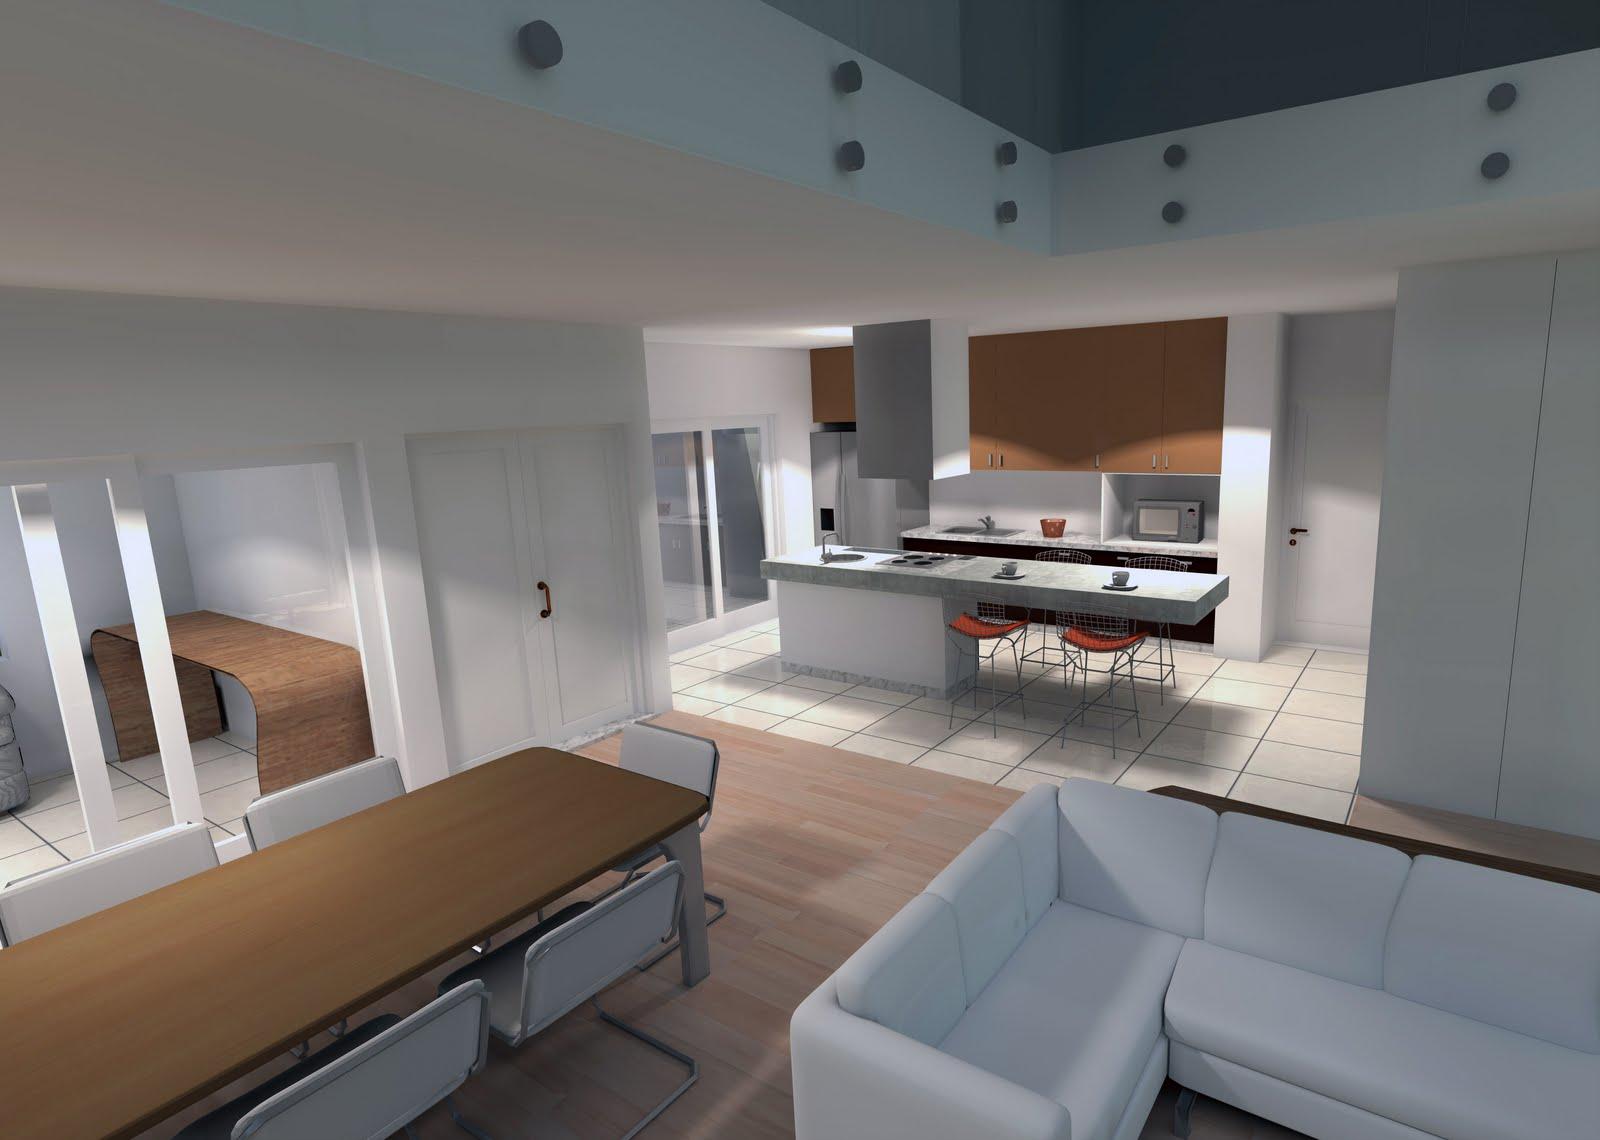 Wollo Design: Interiores #644A37 1600 1140